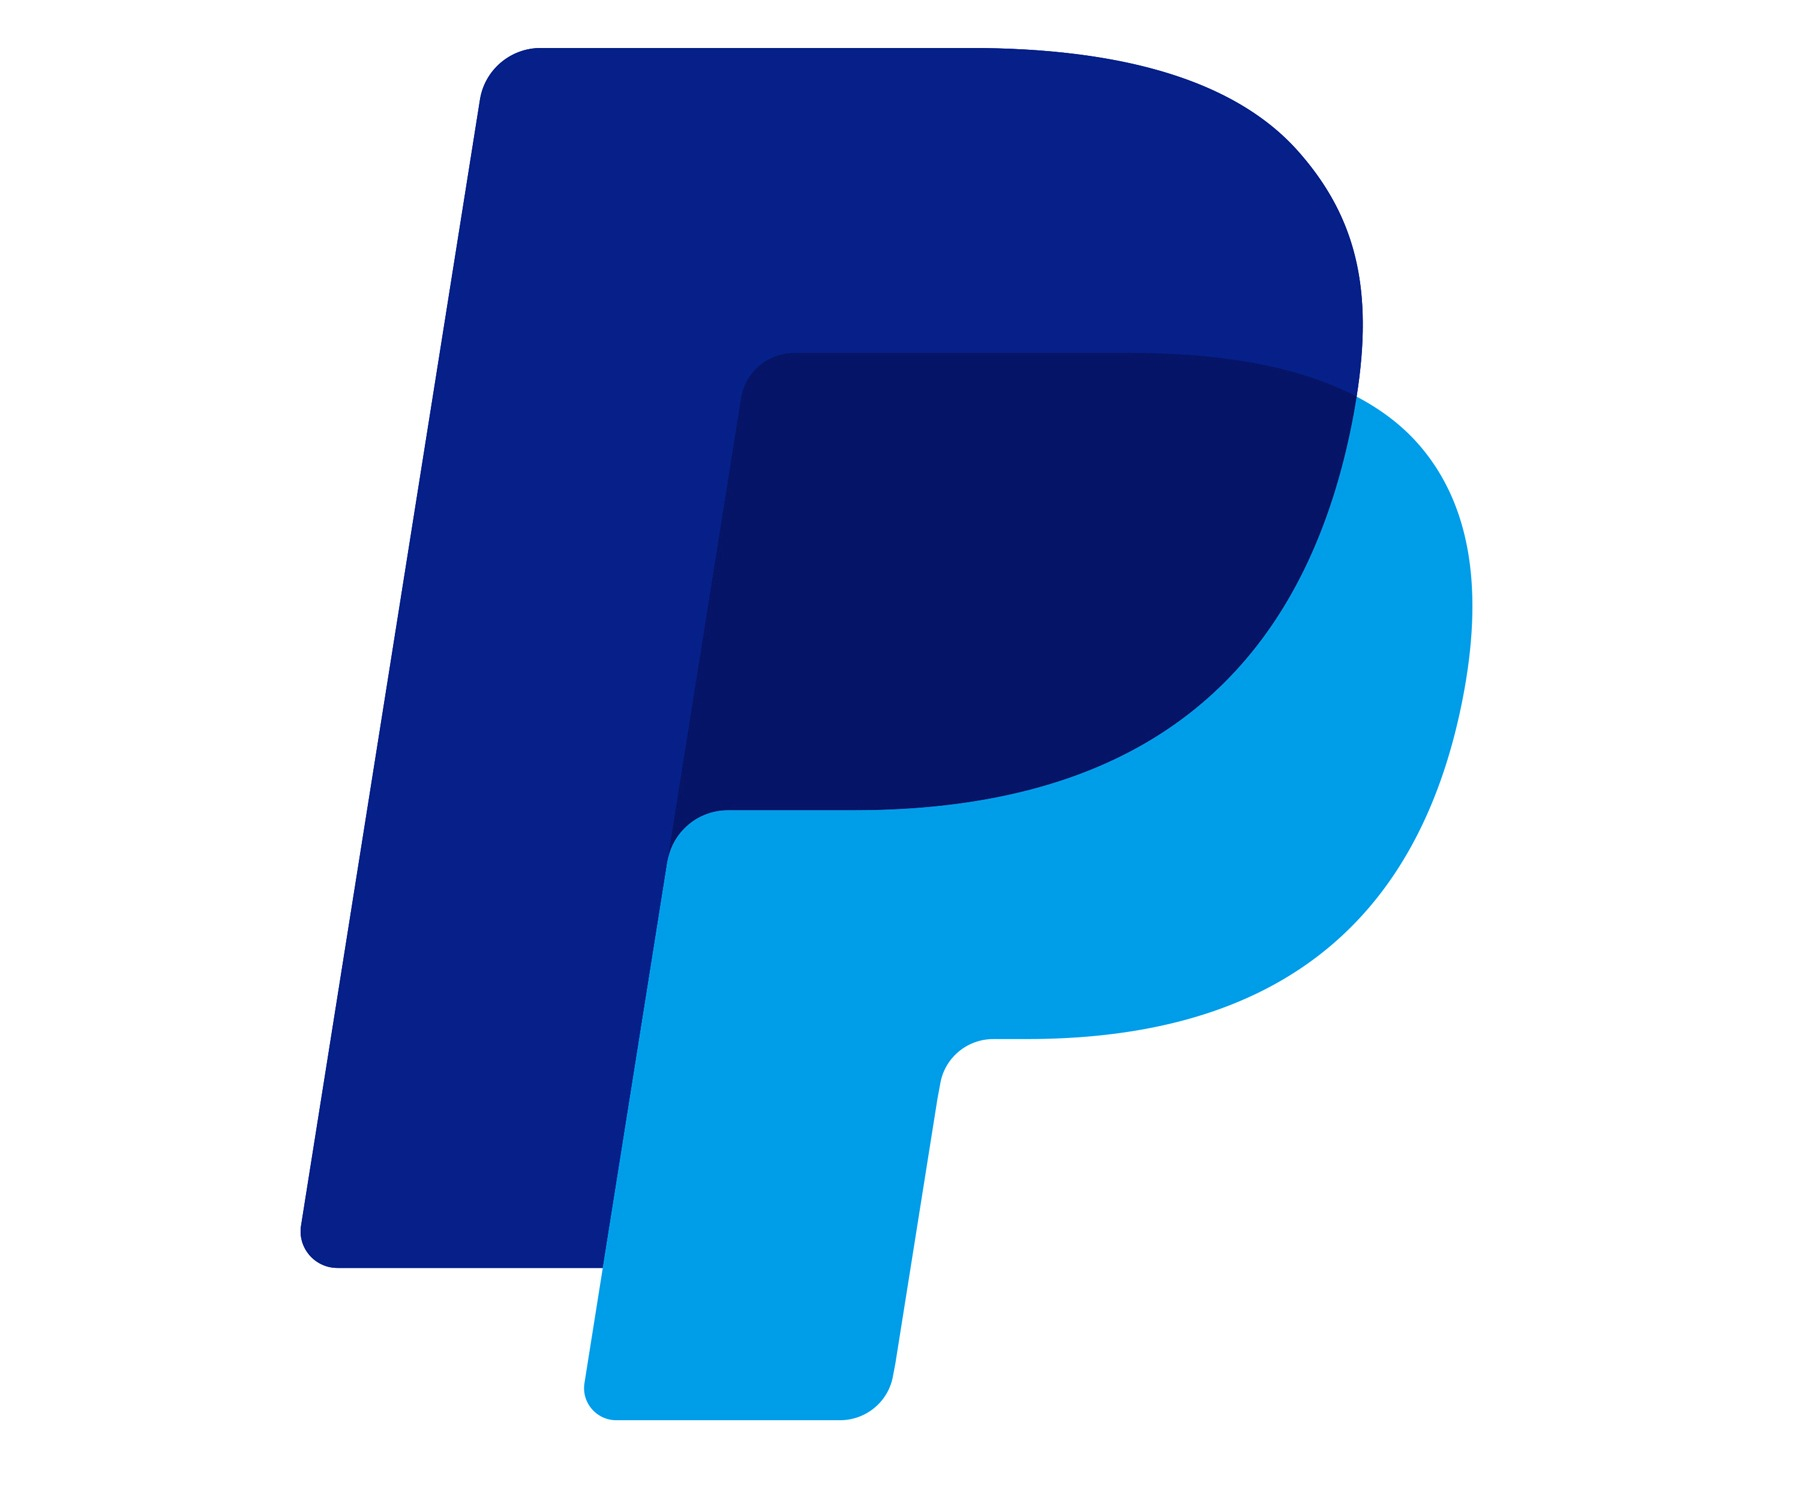 Paidpal